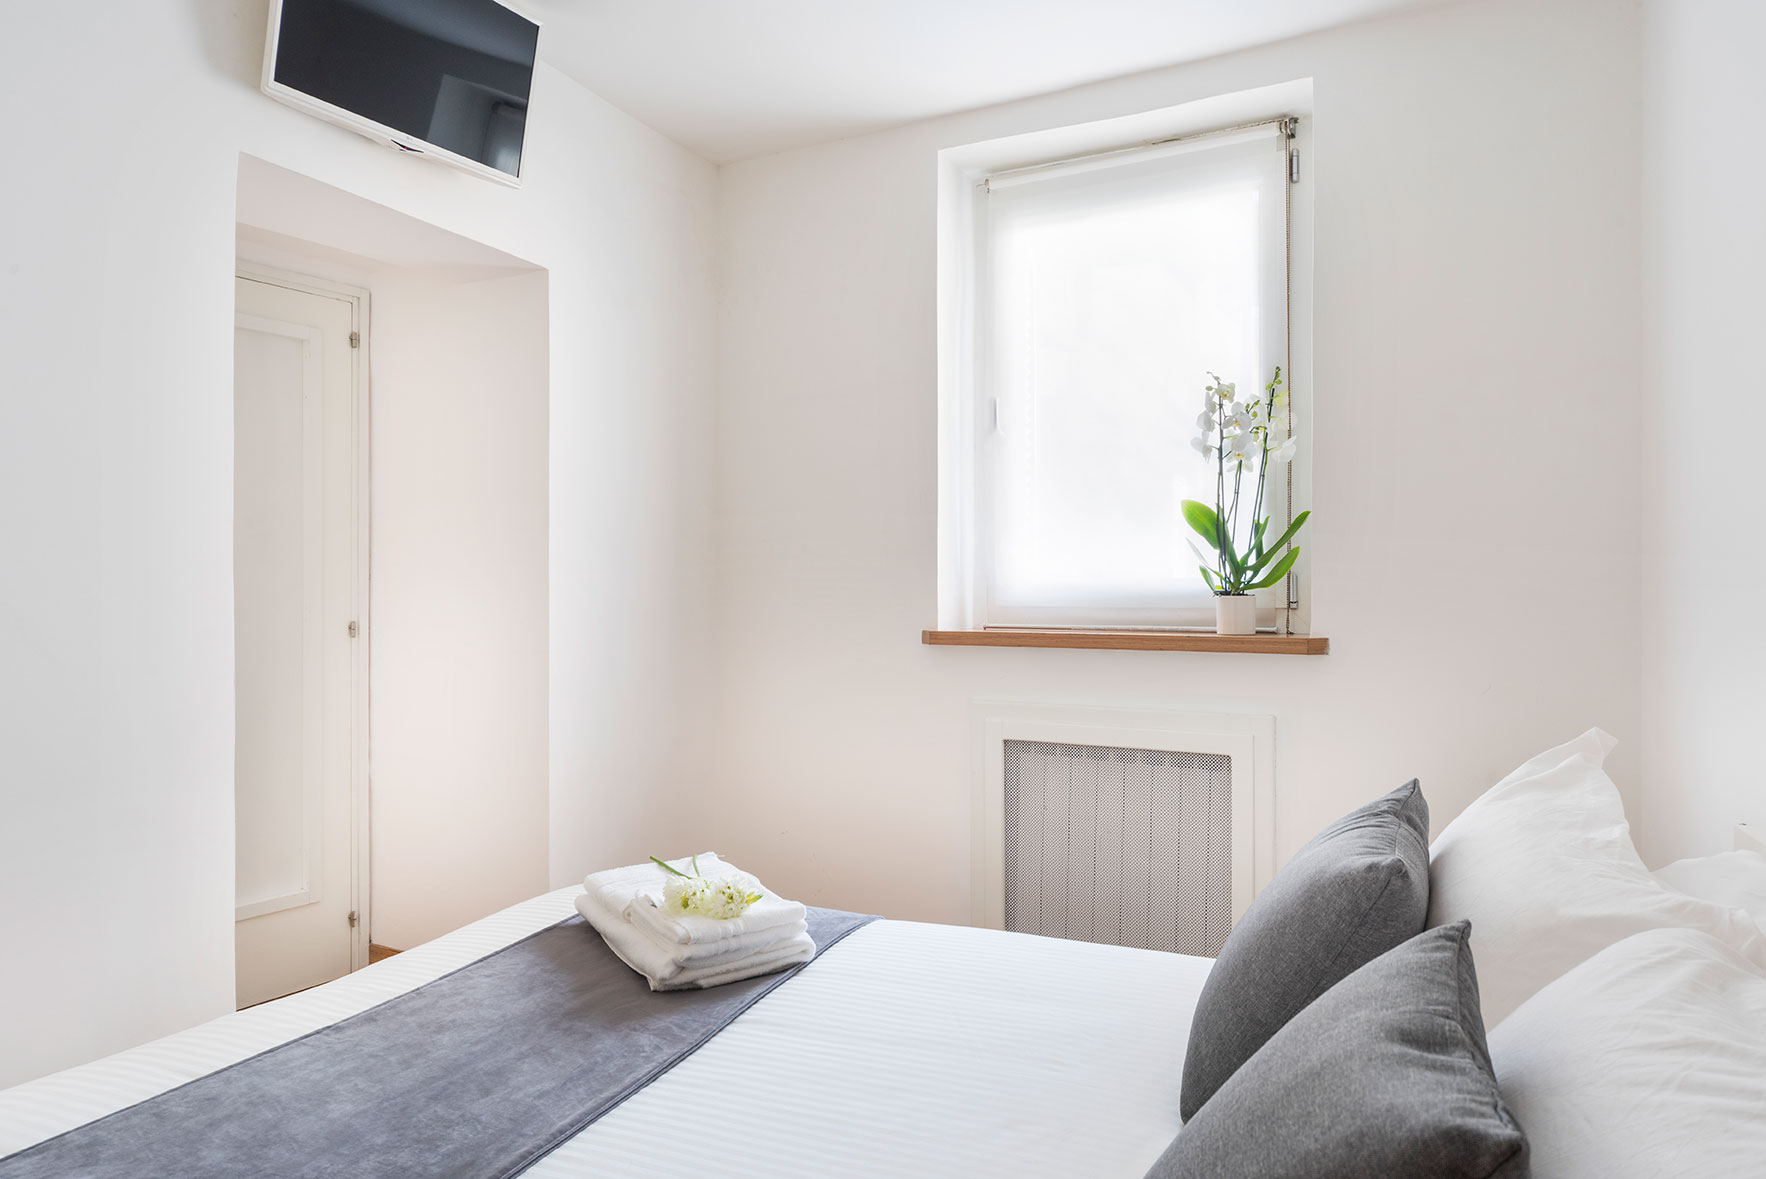 appartamento-deluxe-fiorentini-residence-napoli-3